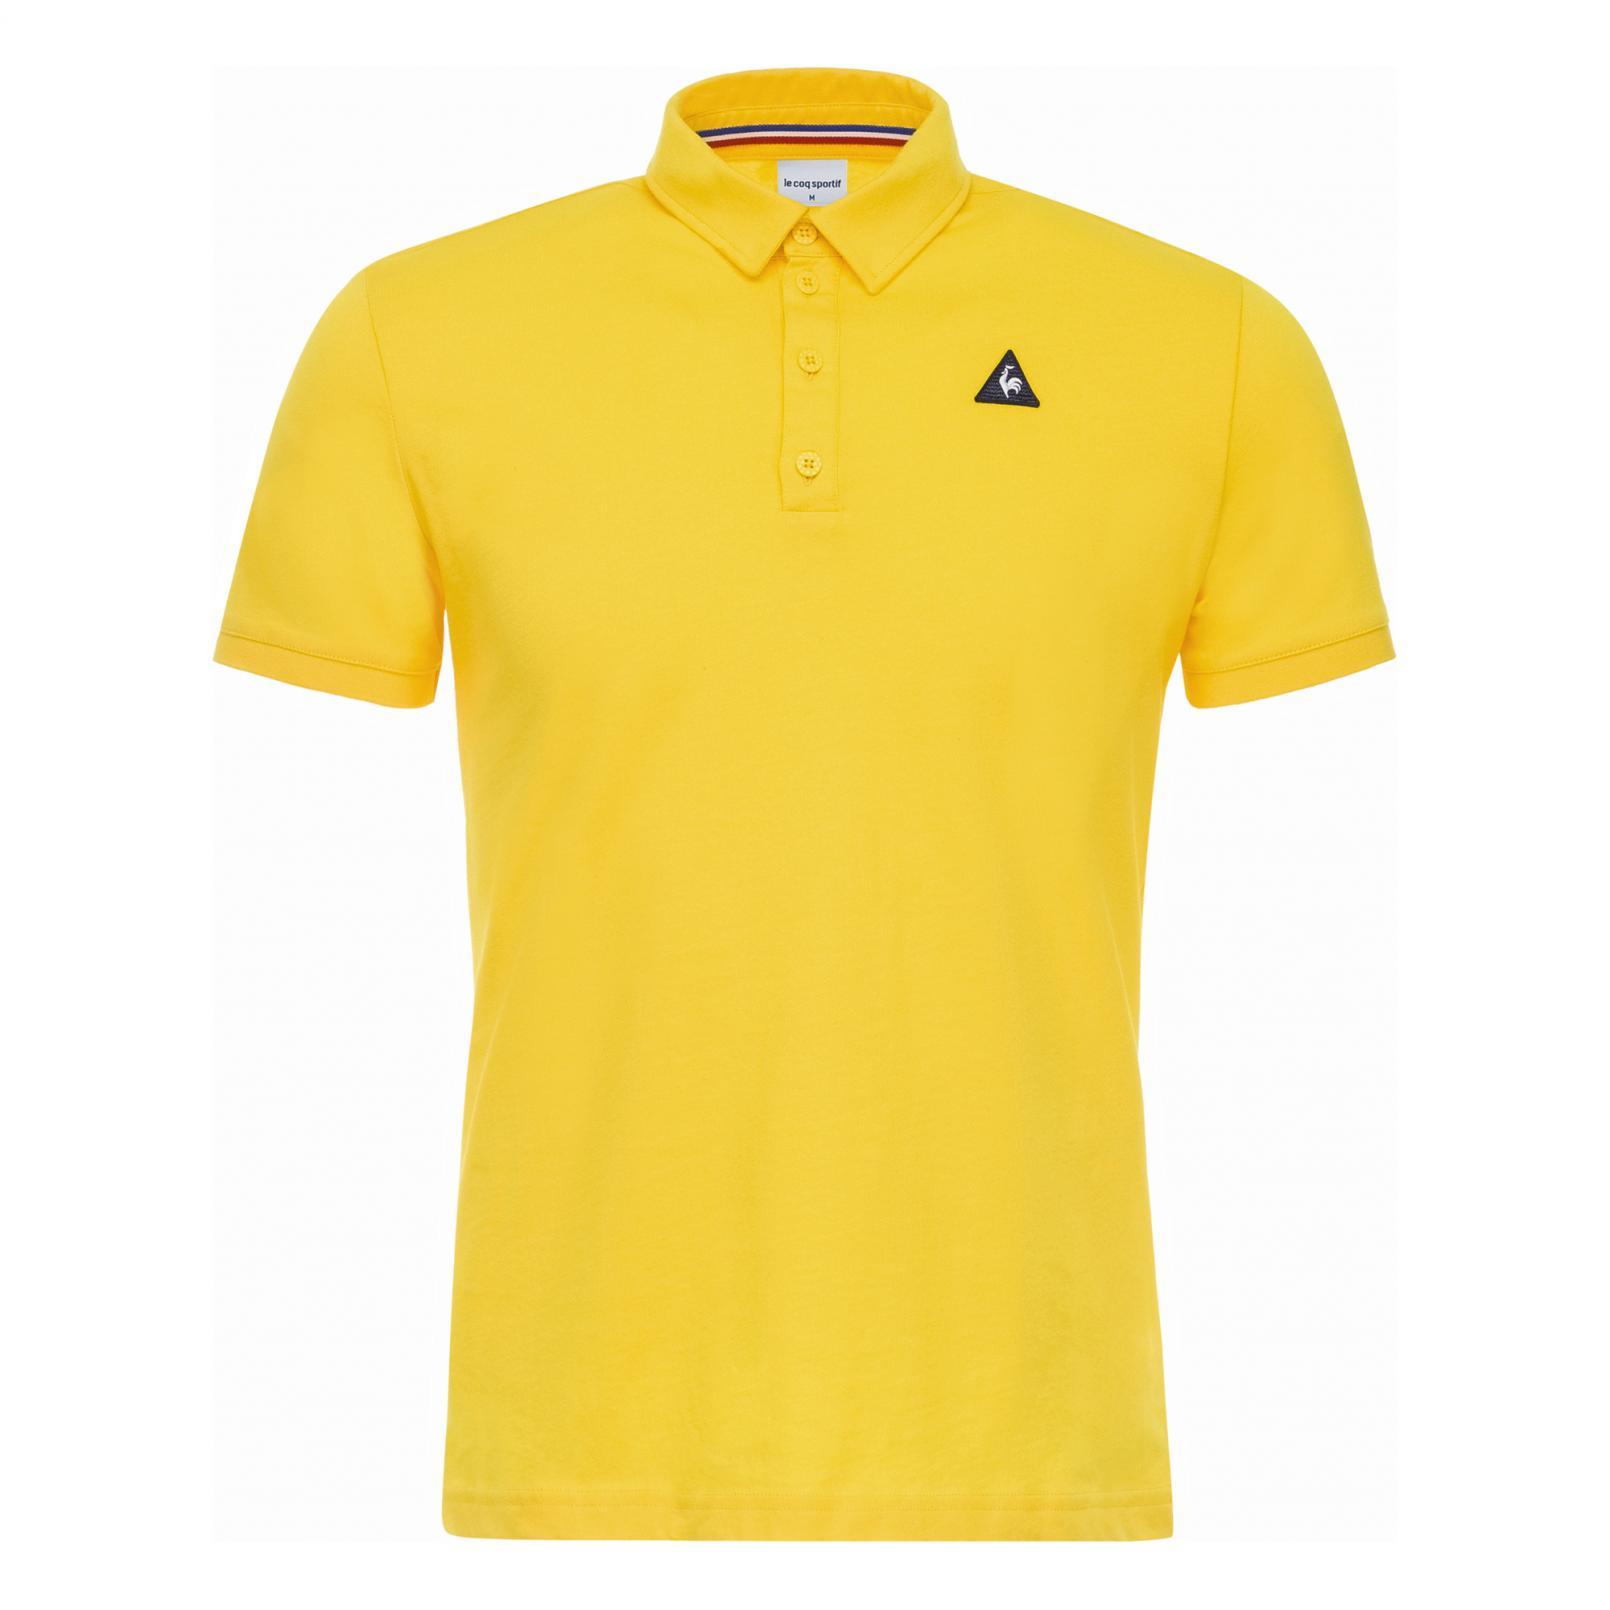 Polo – Le Coq Sportif Essentiels Polo Yellow